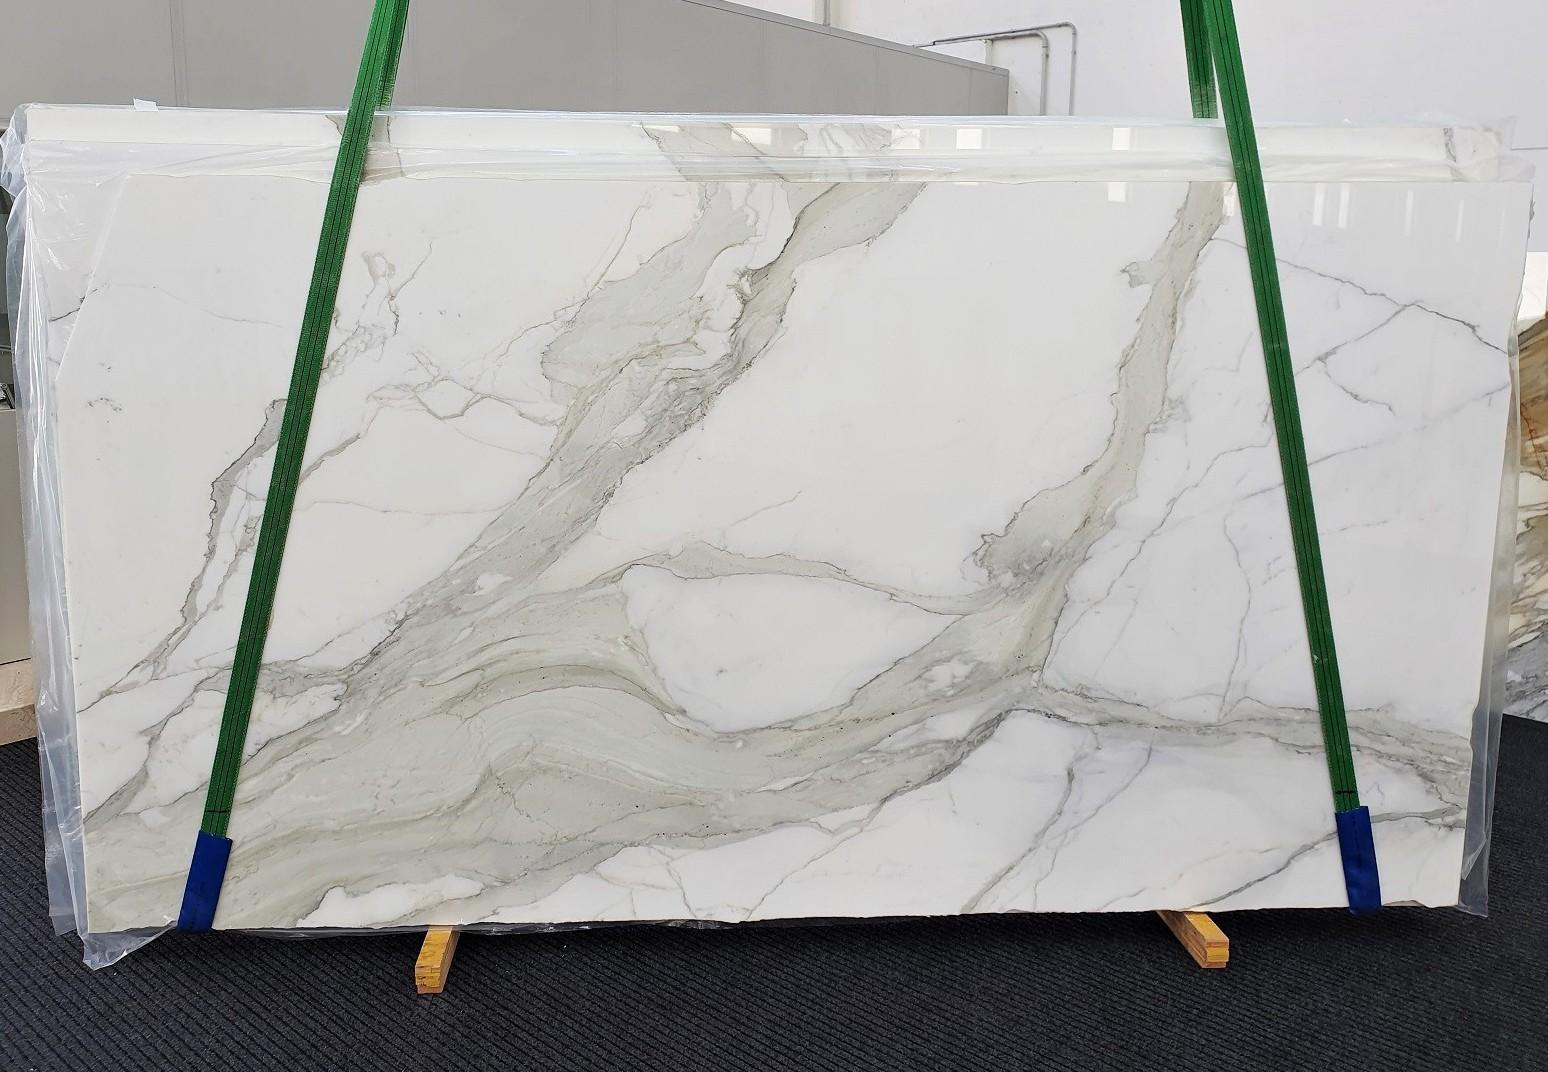 CALACATTA ORO EXTRA Supply Veneto (Italy) polished slabs 1366 , Slab #01 natural marble